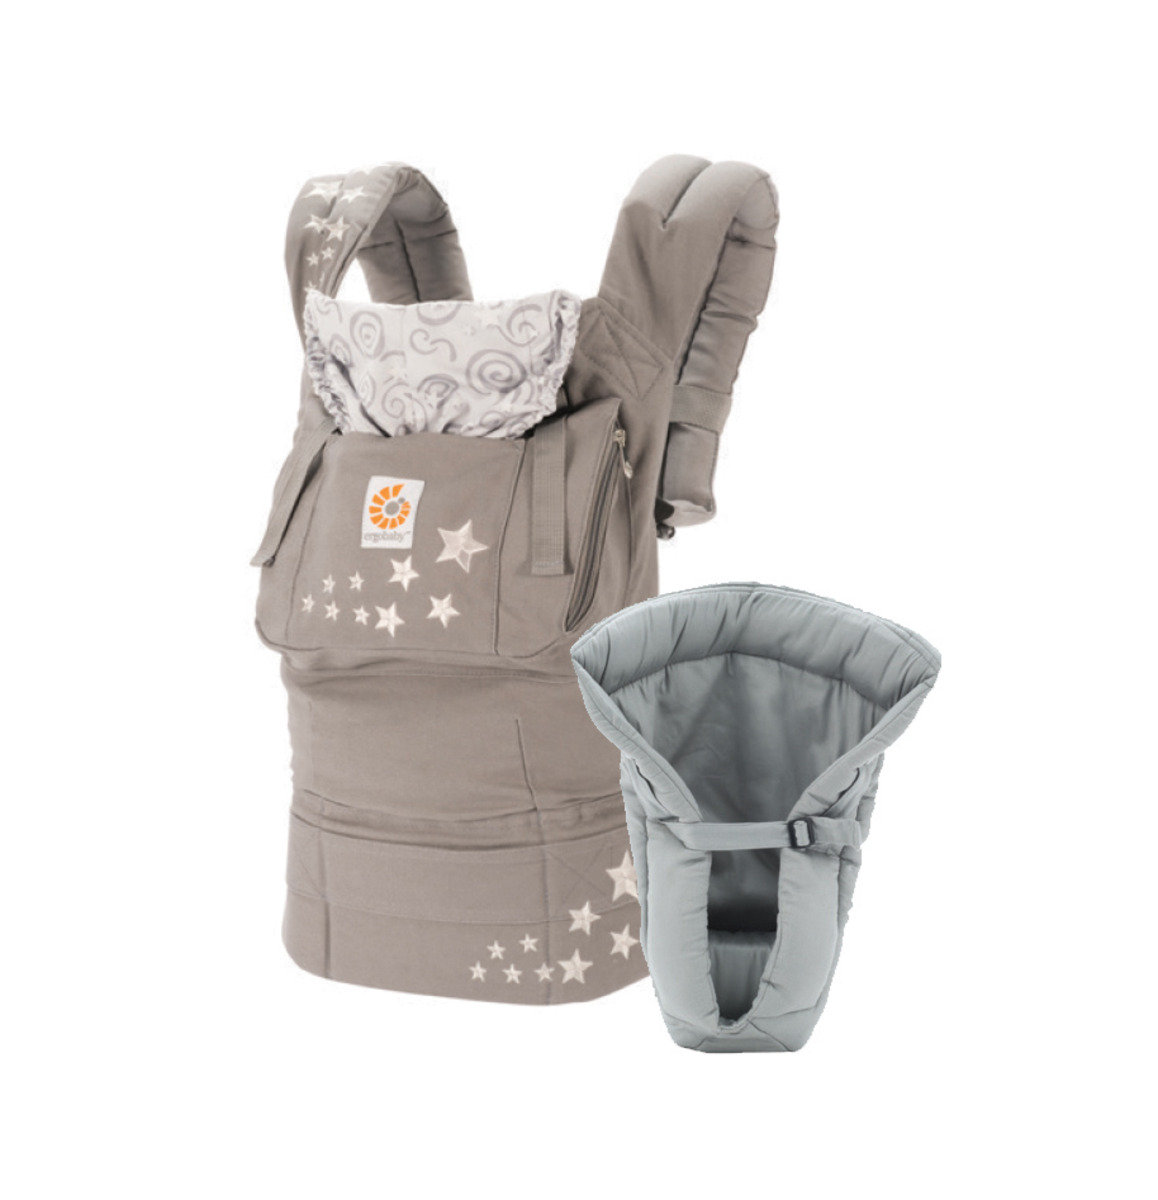 基本款嬰兒揹帶加保護墊套裝 - (2015年包裝)